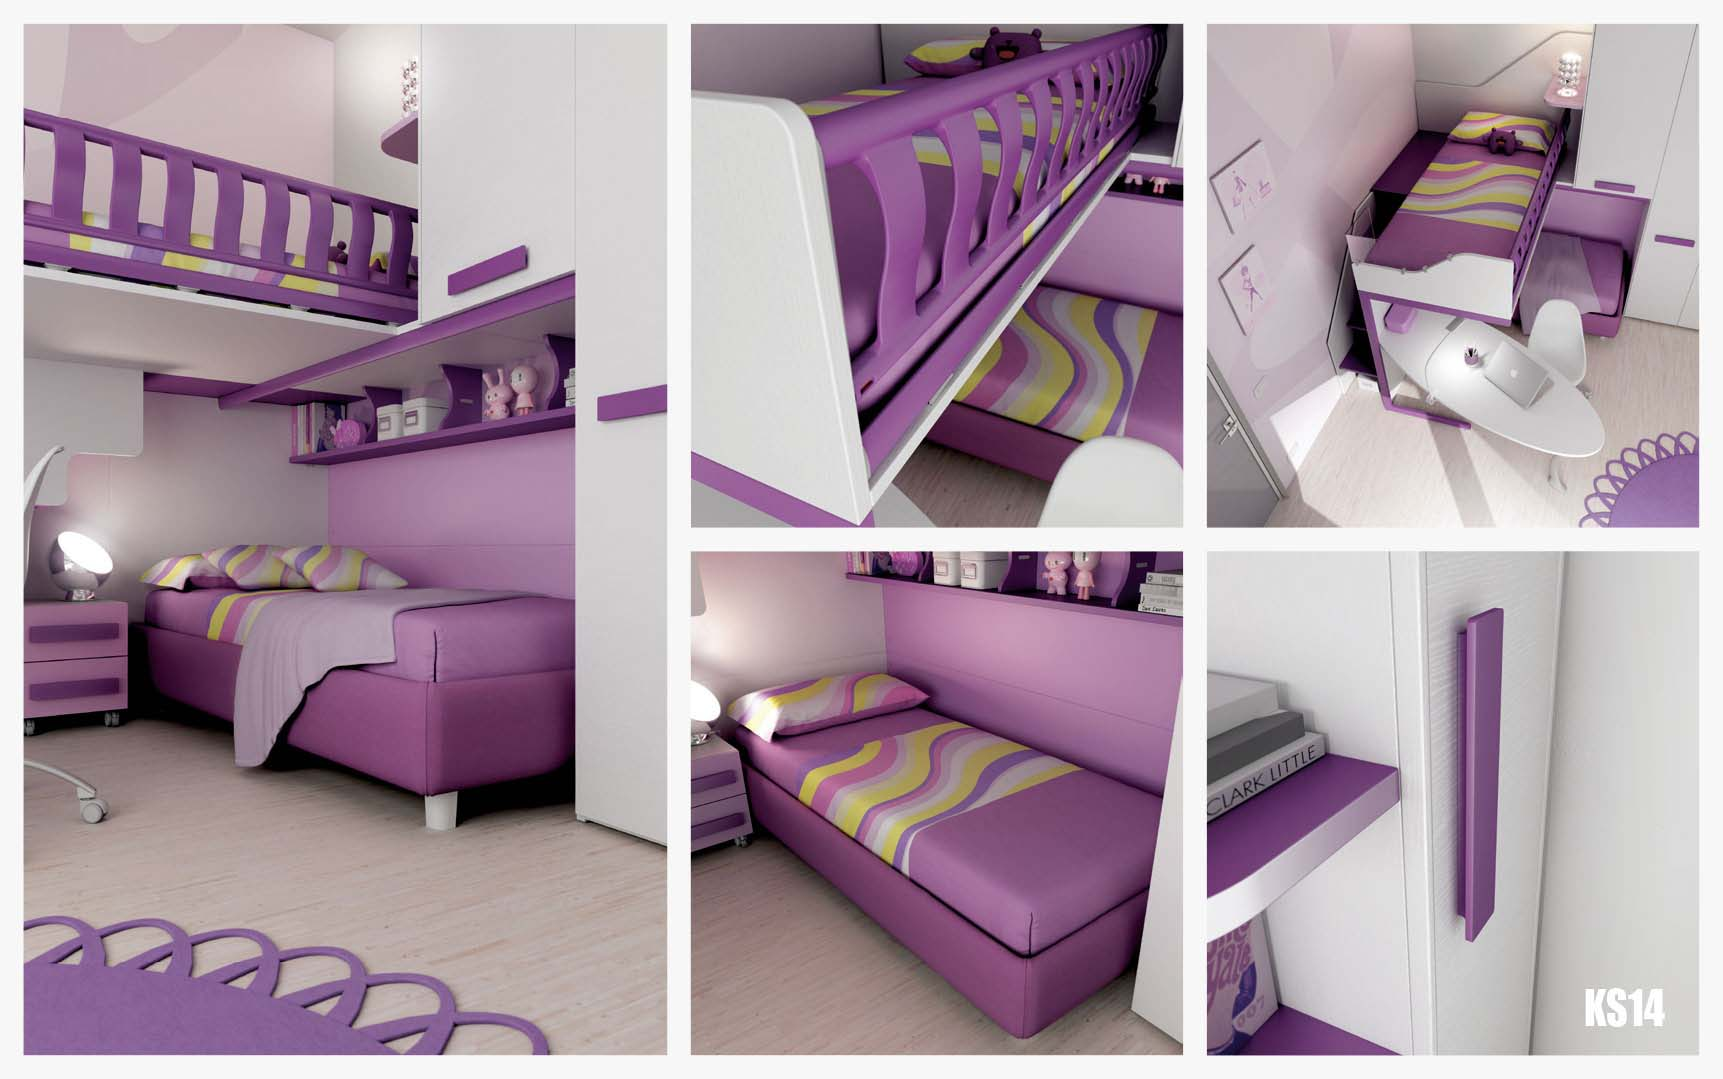 Chambre enfant design avec lits superpos s moretti for Chambre avec lit superpose